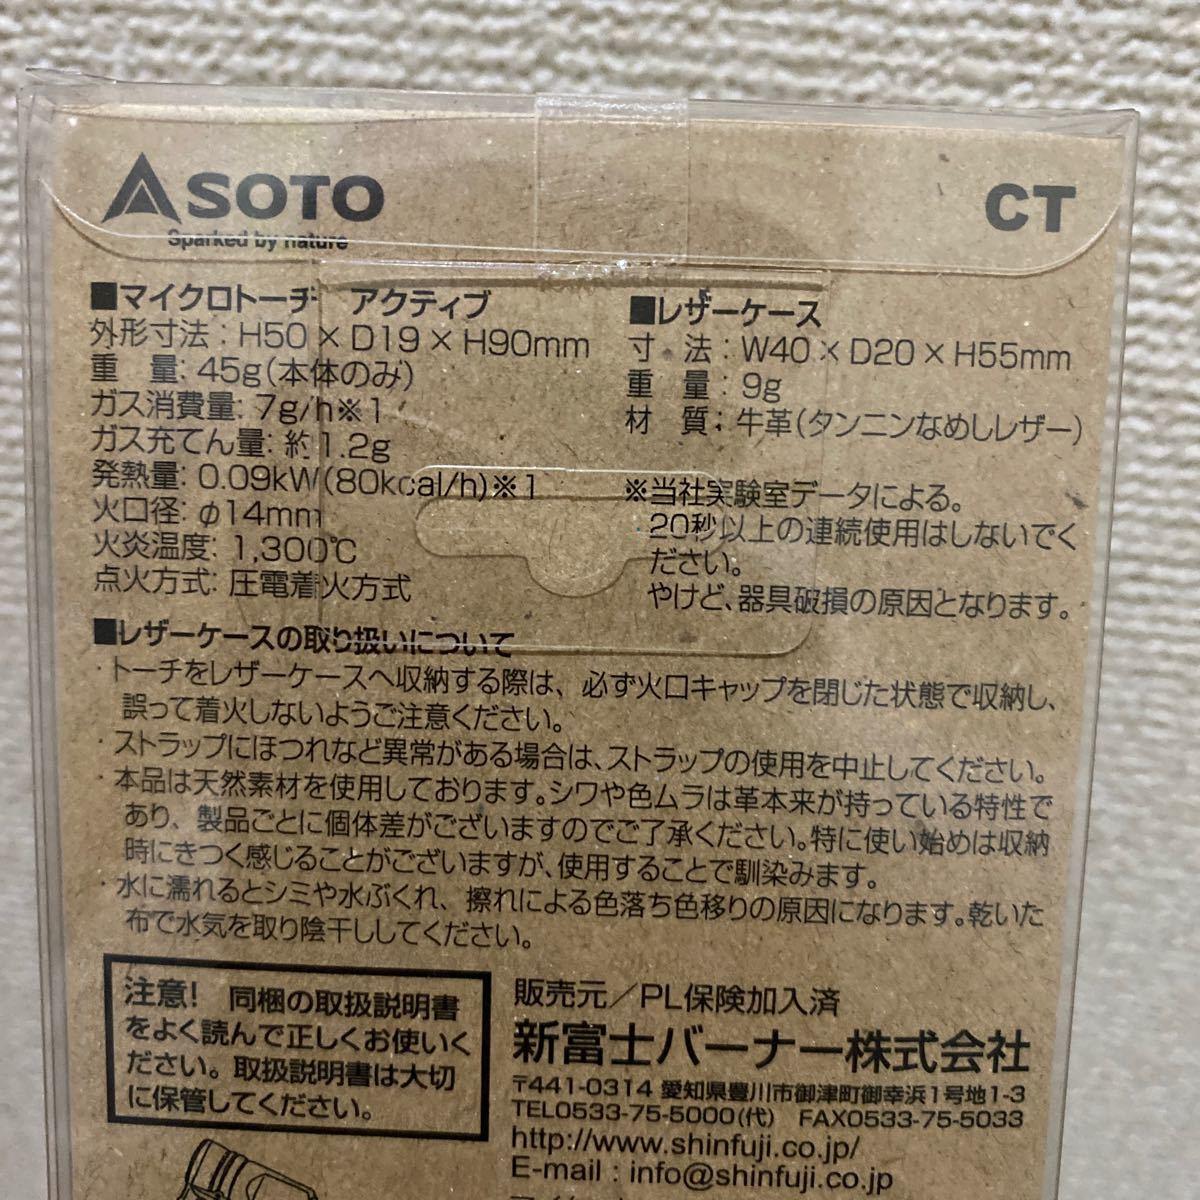 ソト マイクロトーチ レザーケースセット コヨーテ×ブラック ST486CTCSS キャンプ トーチバーナー SOTO